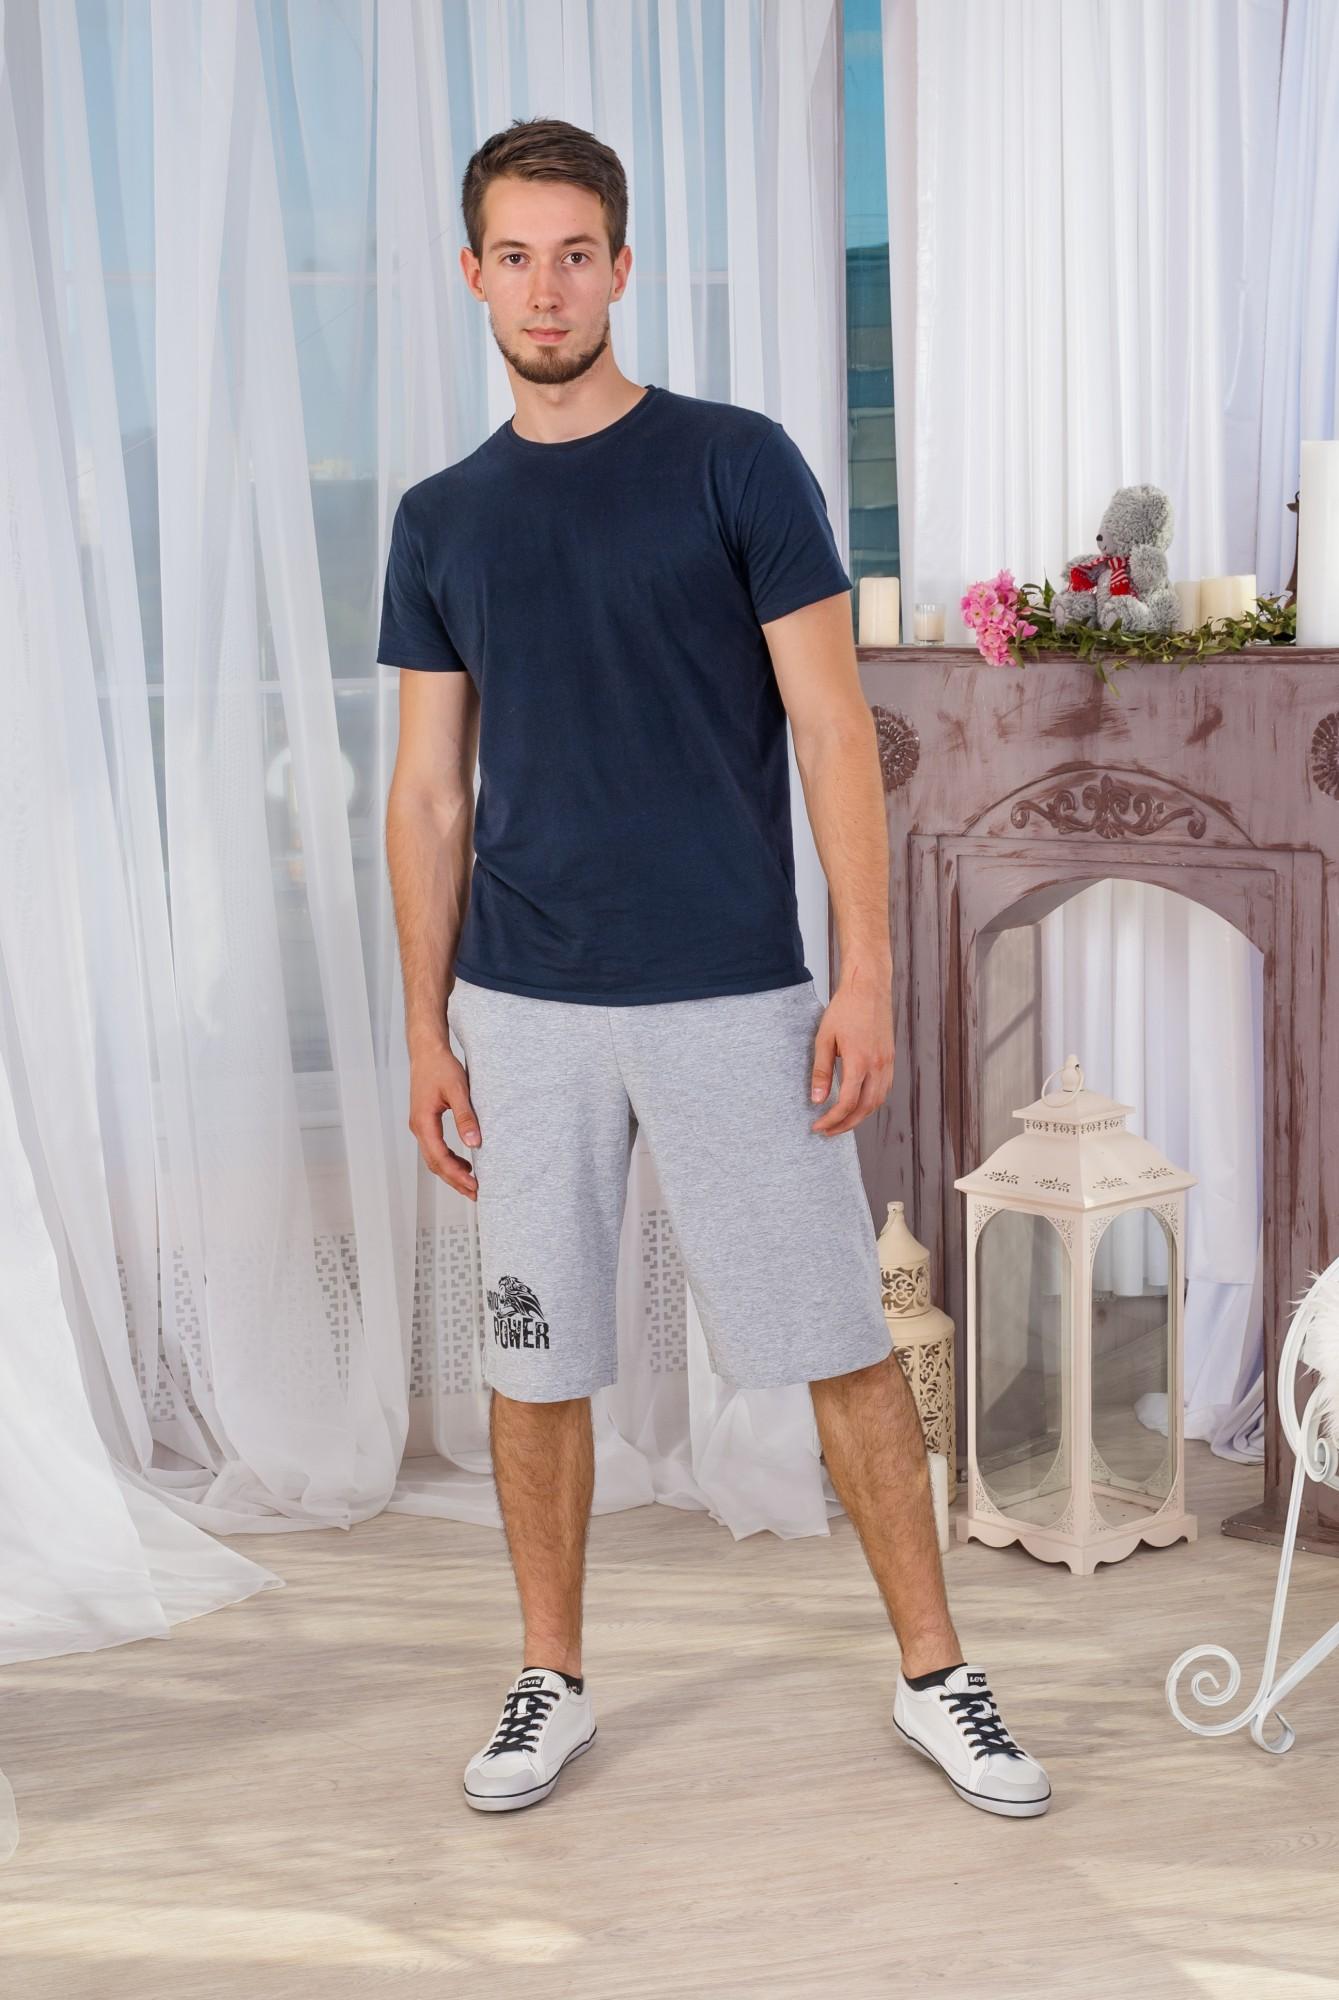 Шорты мужские Летние удлиненныеБрюки, трико и шорты<br><br><br>Размер: 48